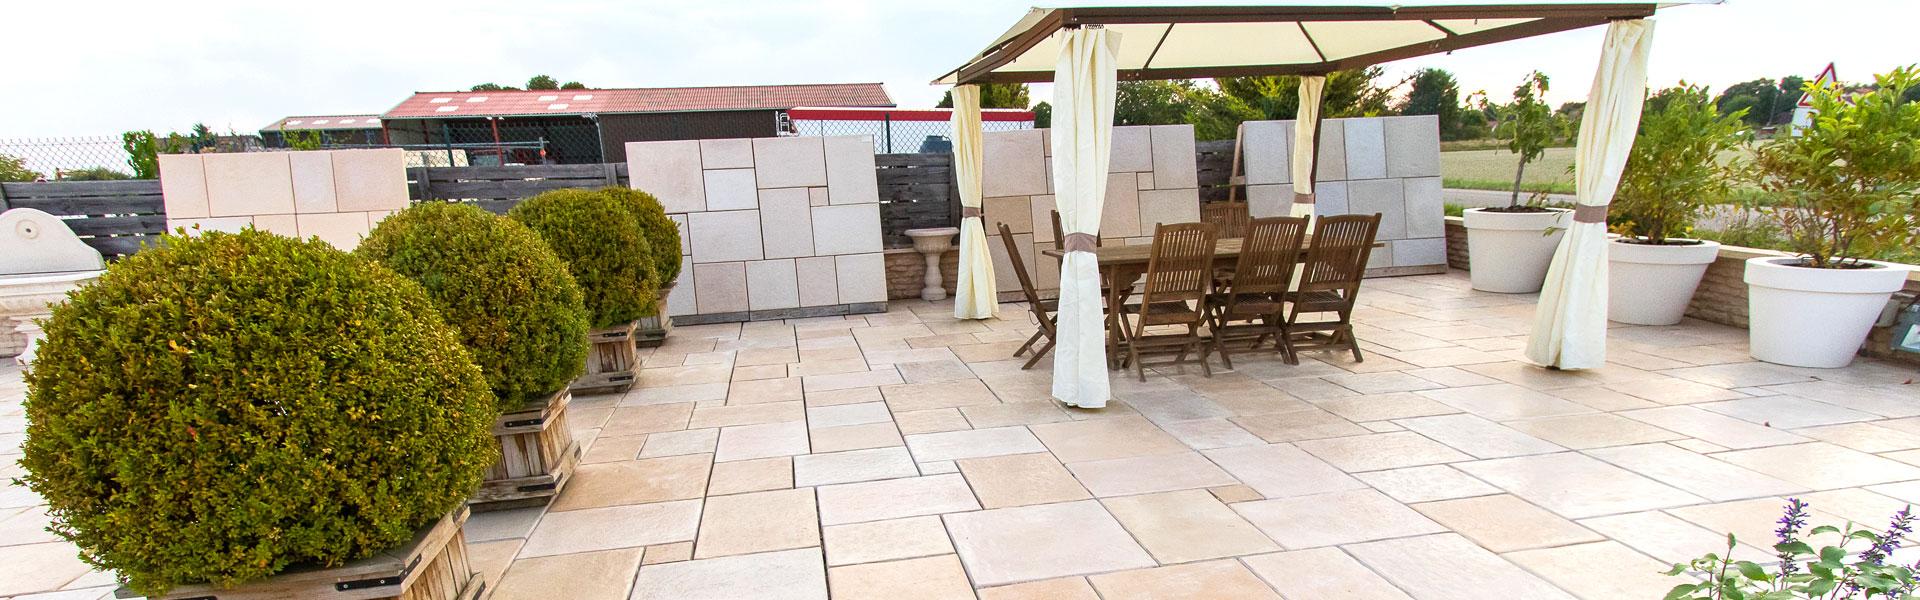 Exposition extérieure desproduits Alentour pour aménager l'extérieur de votre maison. Fabrication 100% française, Bourgogne (pierre reconstituée et béton préfabriqué décoratif).